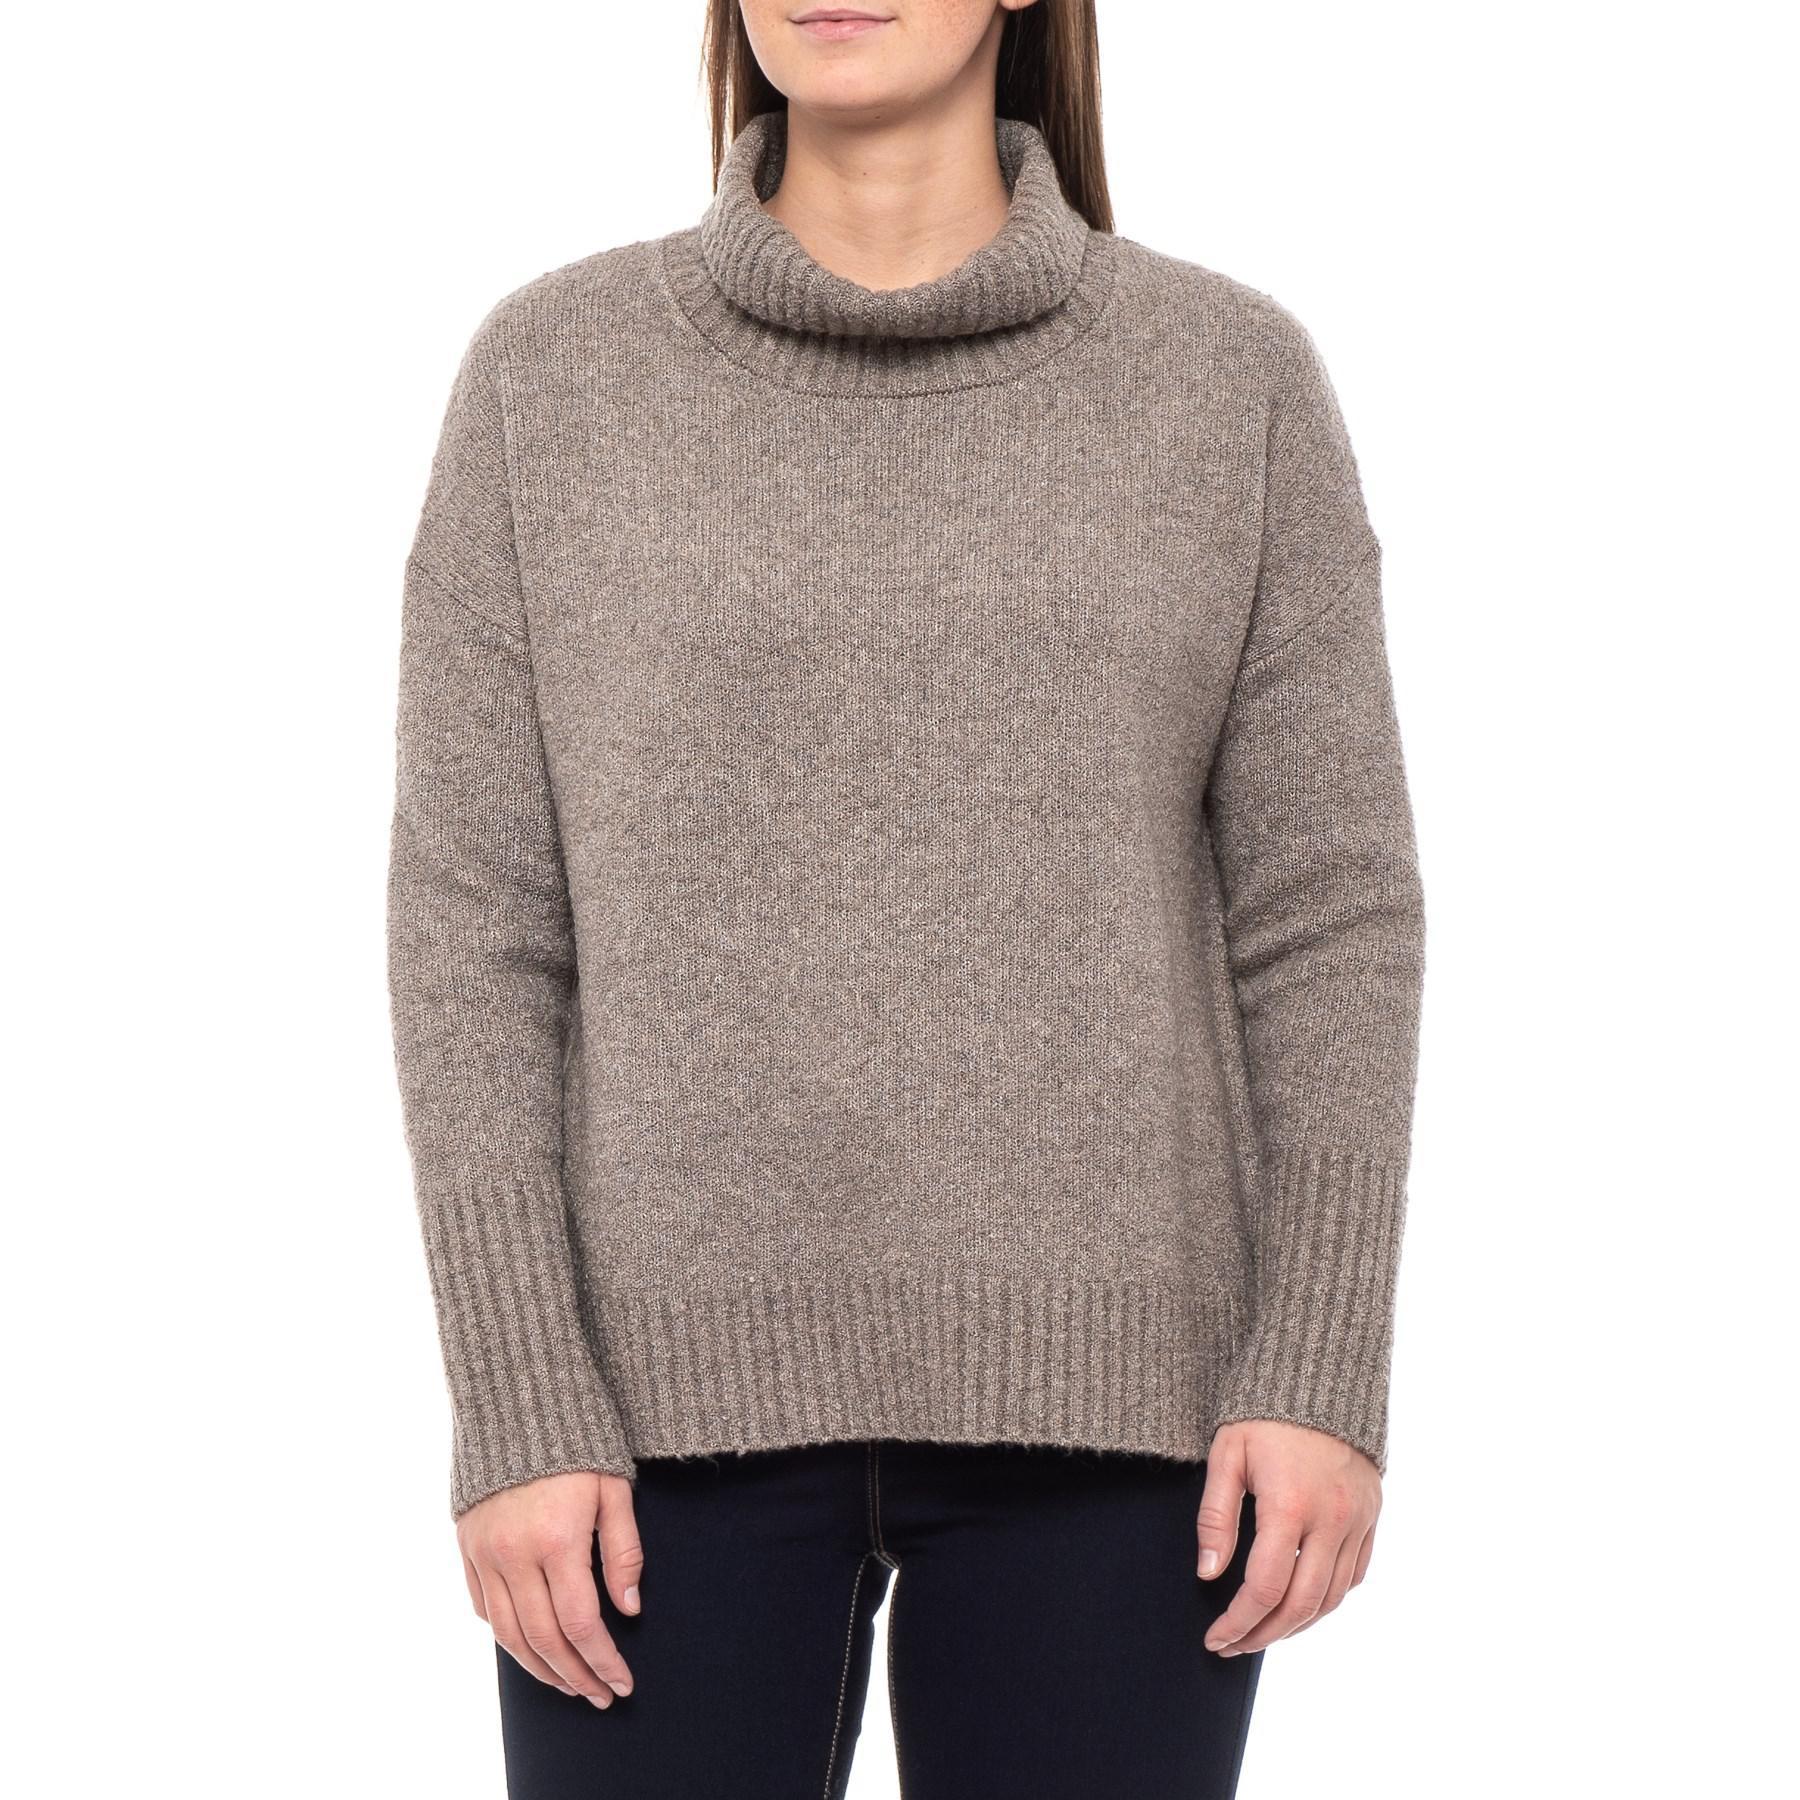 35966108686 Rachel Zoe Boucle Turtleneck Sweater (for Women) in Gray - Lyst